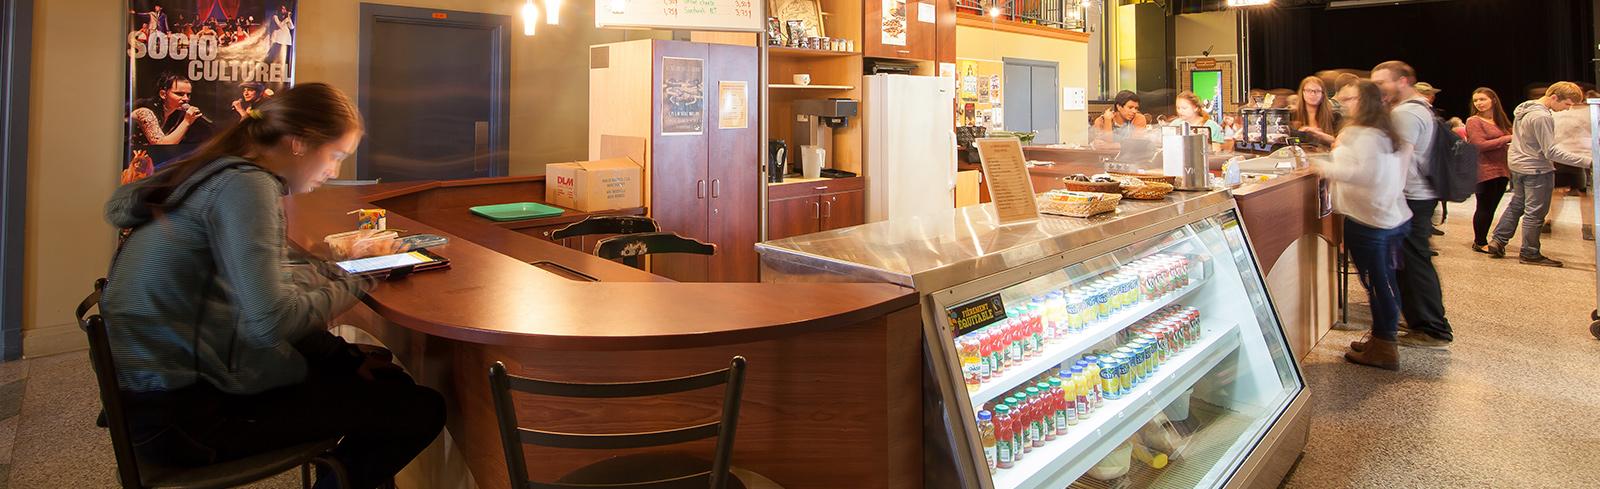 Café étudiant